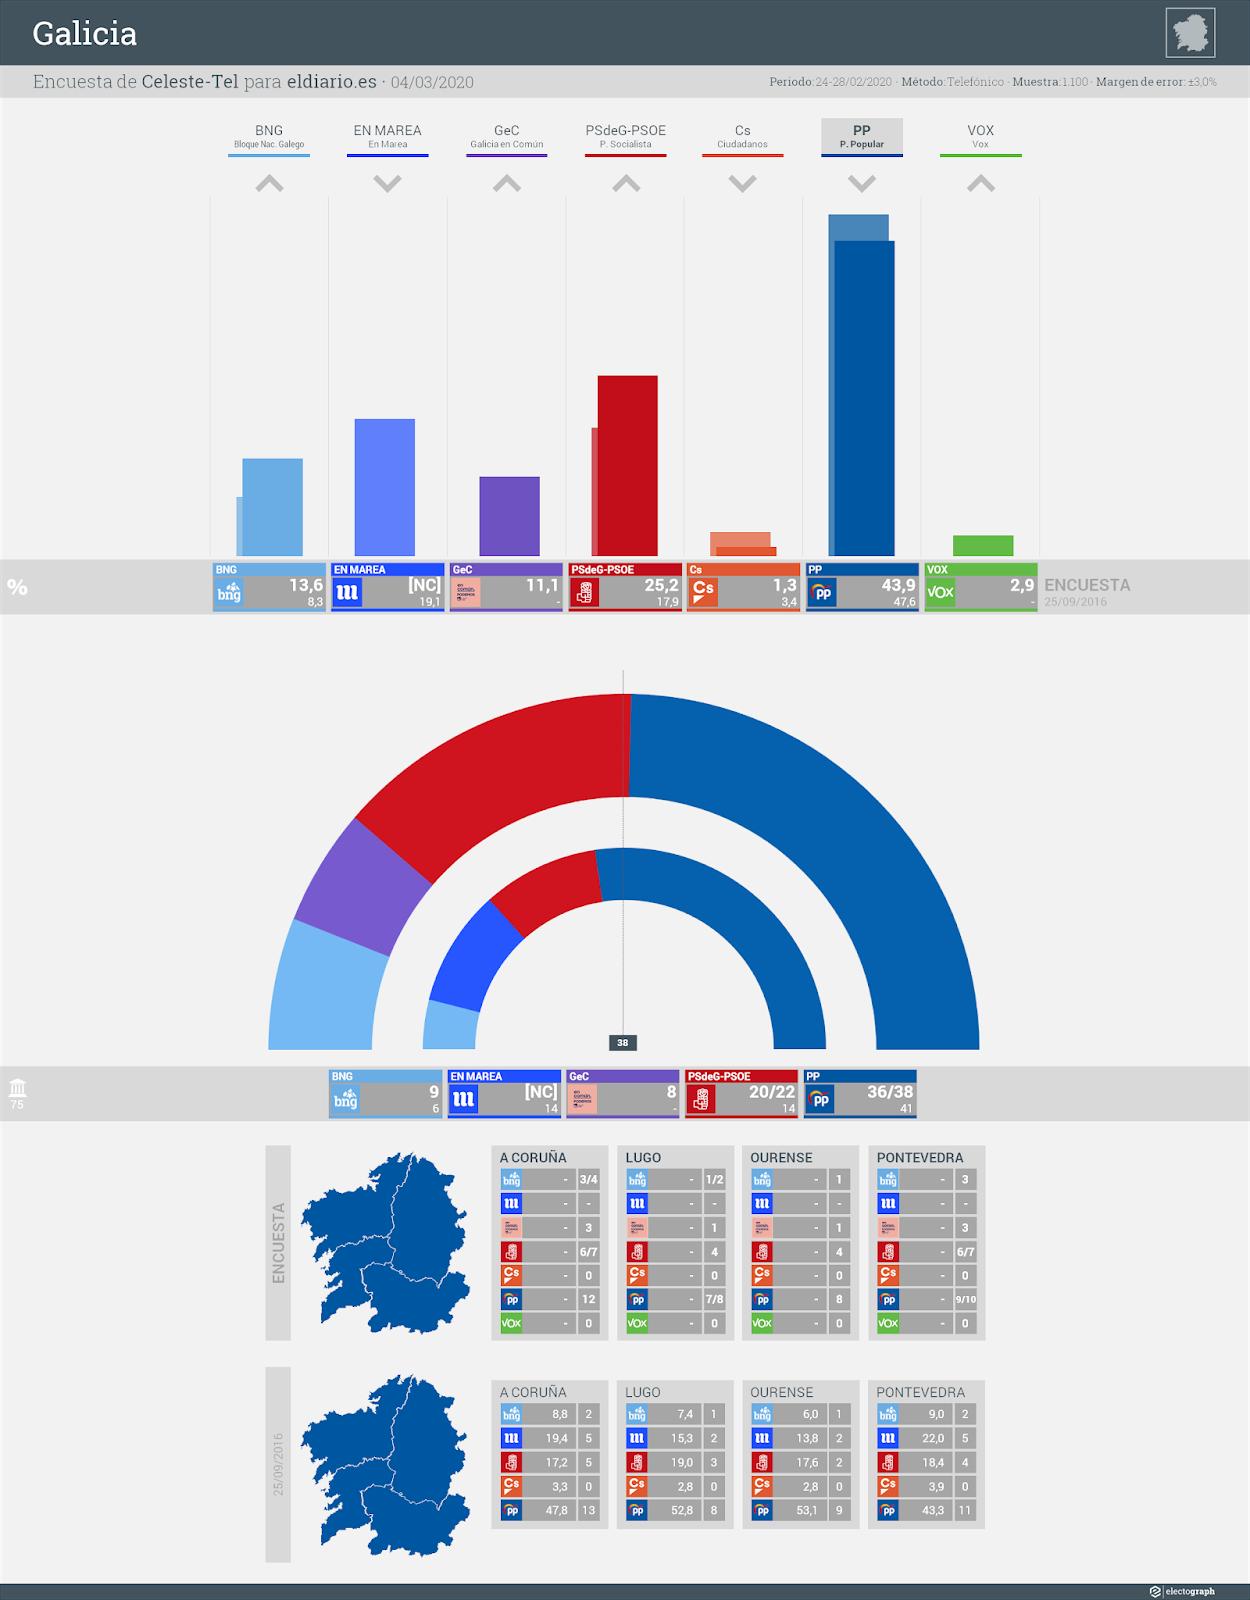 Gráfico de la encuesta para elecciones autonómicas en Galicia realizada por Celeste-Tel para eldiario.es, 4 de marzo de 2020